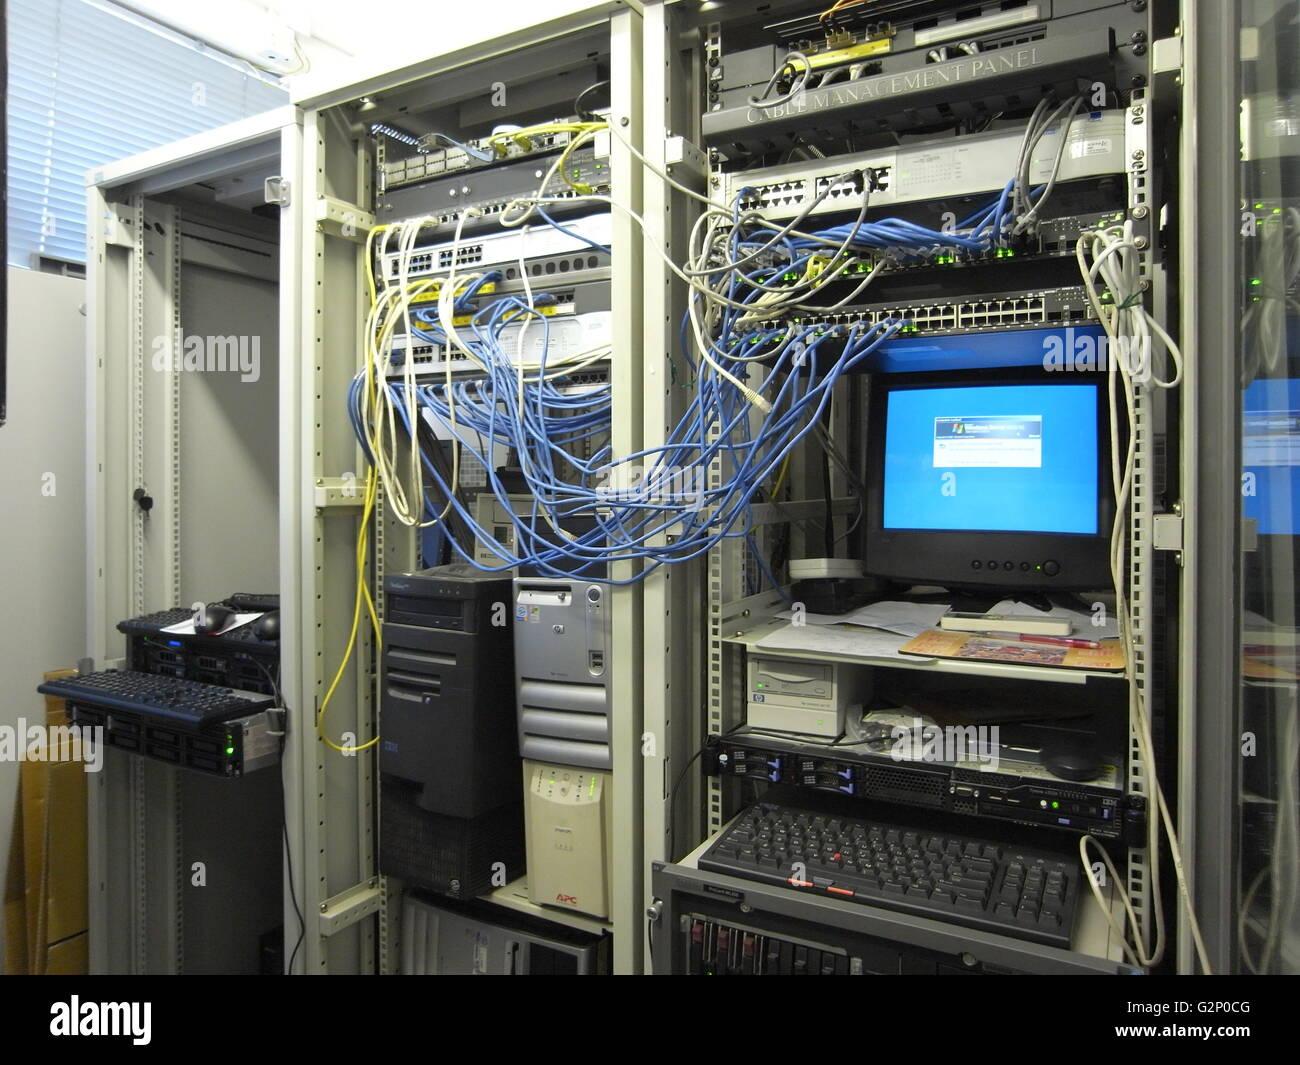 Oyster Telecom  провайдер спб интернет в офис